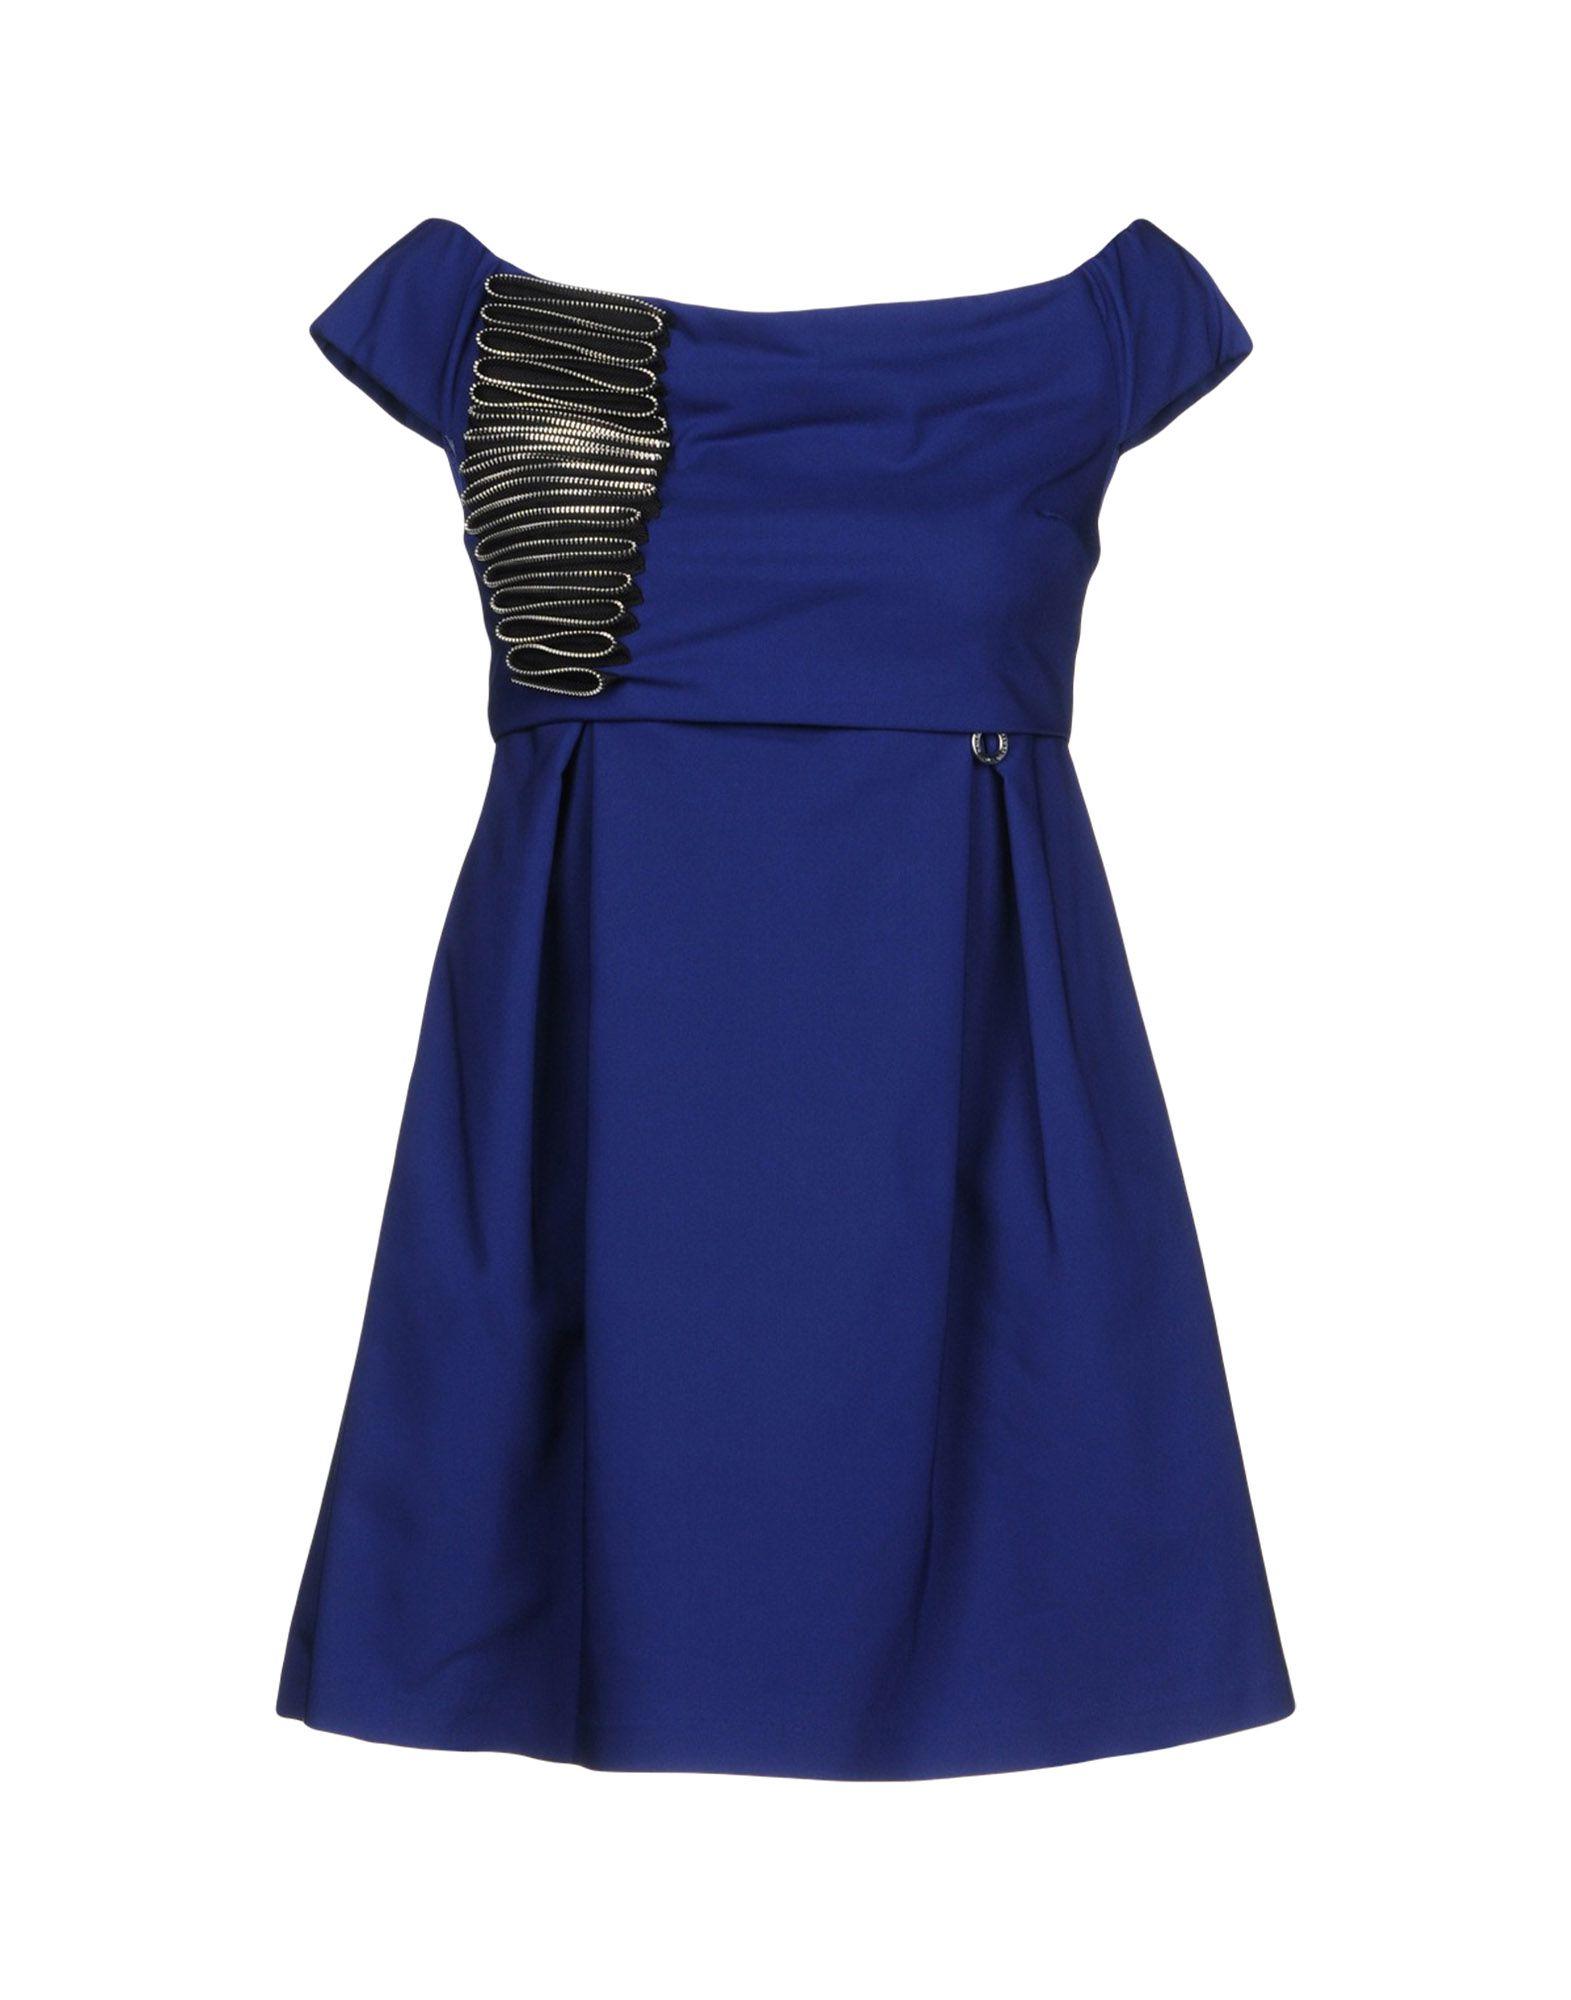 Vestito Corto Mangano Donna - Acquista online su YU7HQ